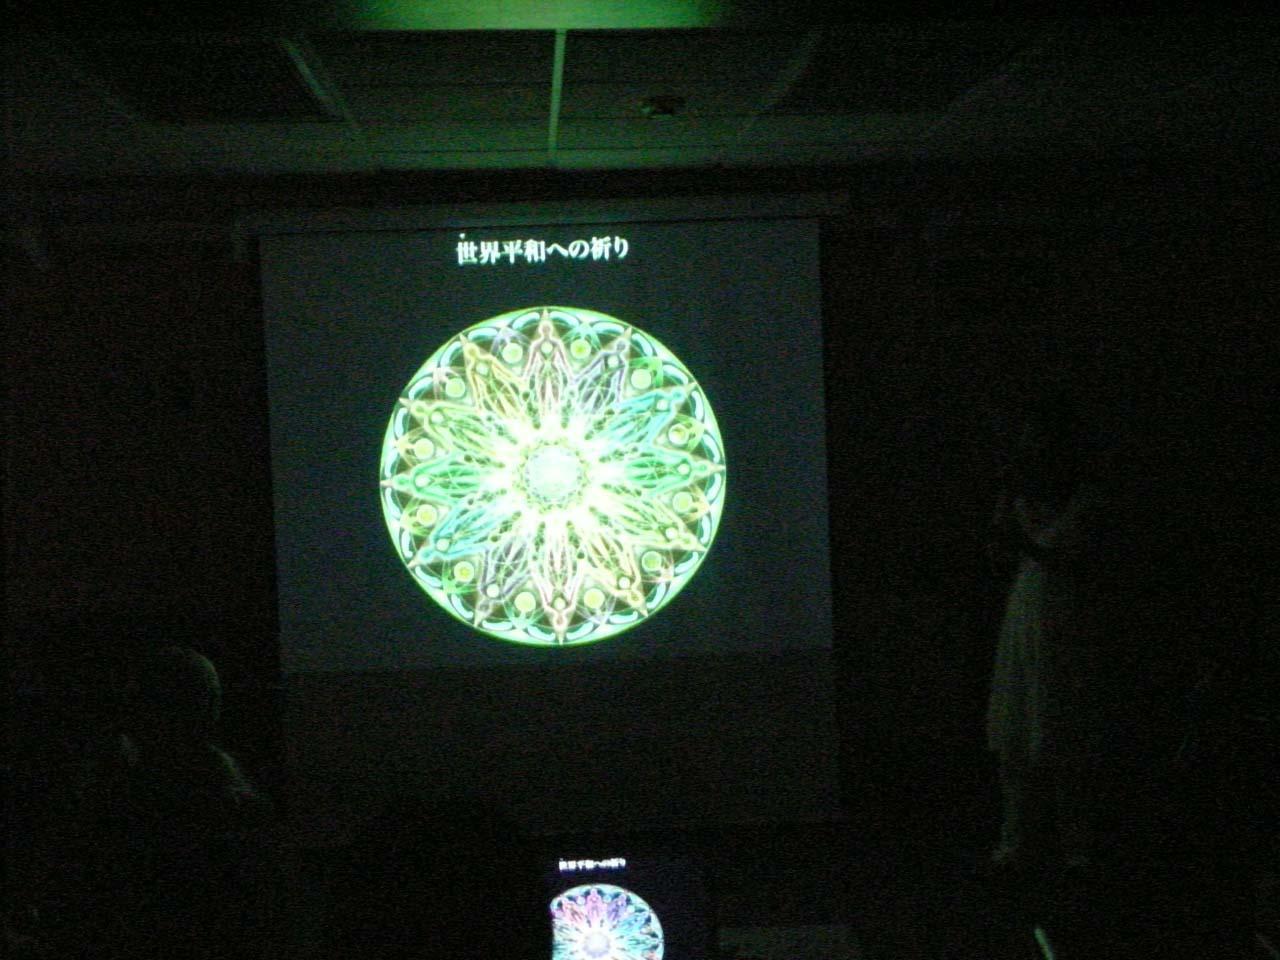 アッシュランド&マウントシャスターツアー報告その①_b0153156_13264978.jpg